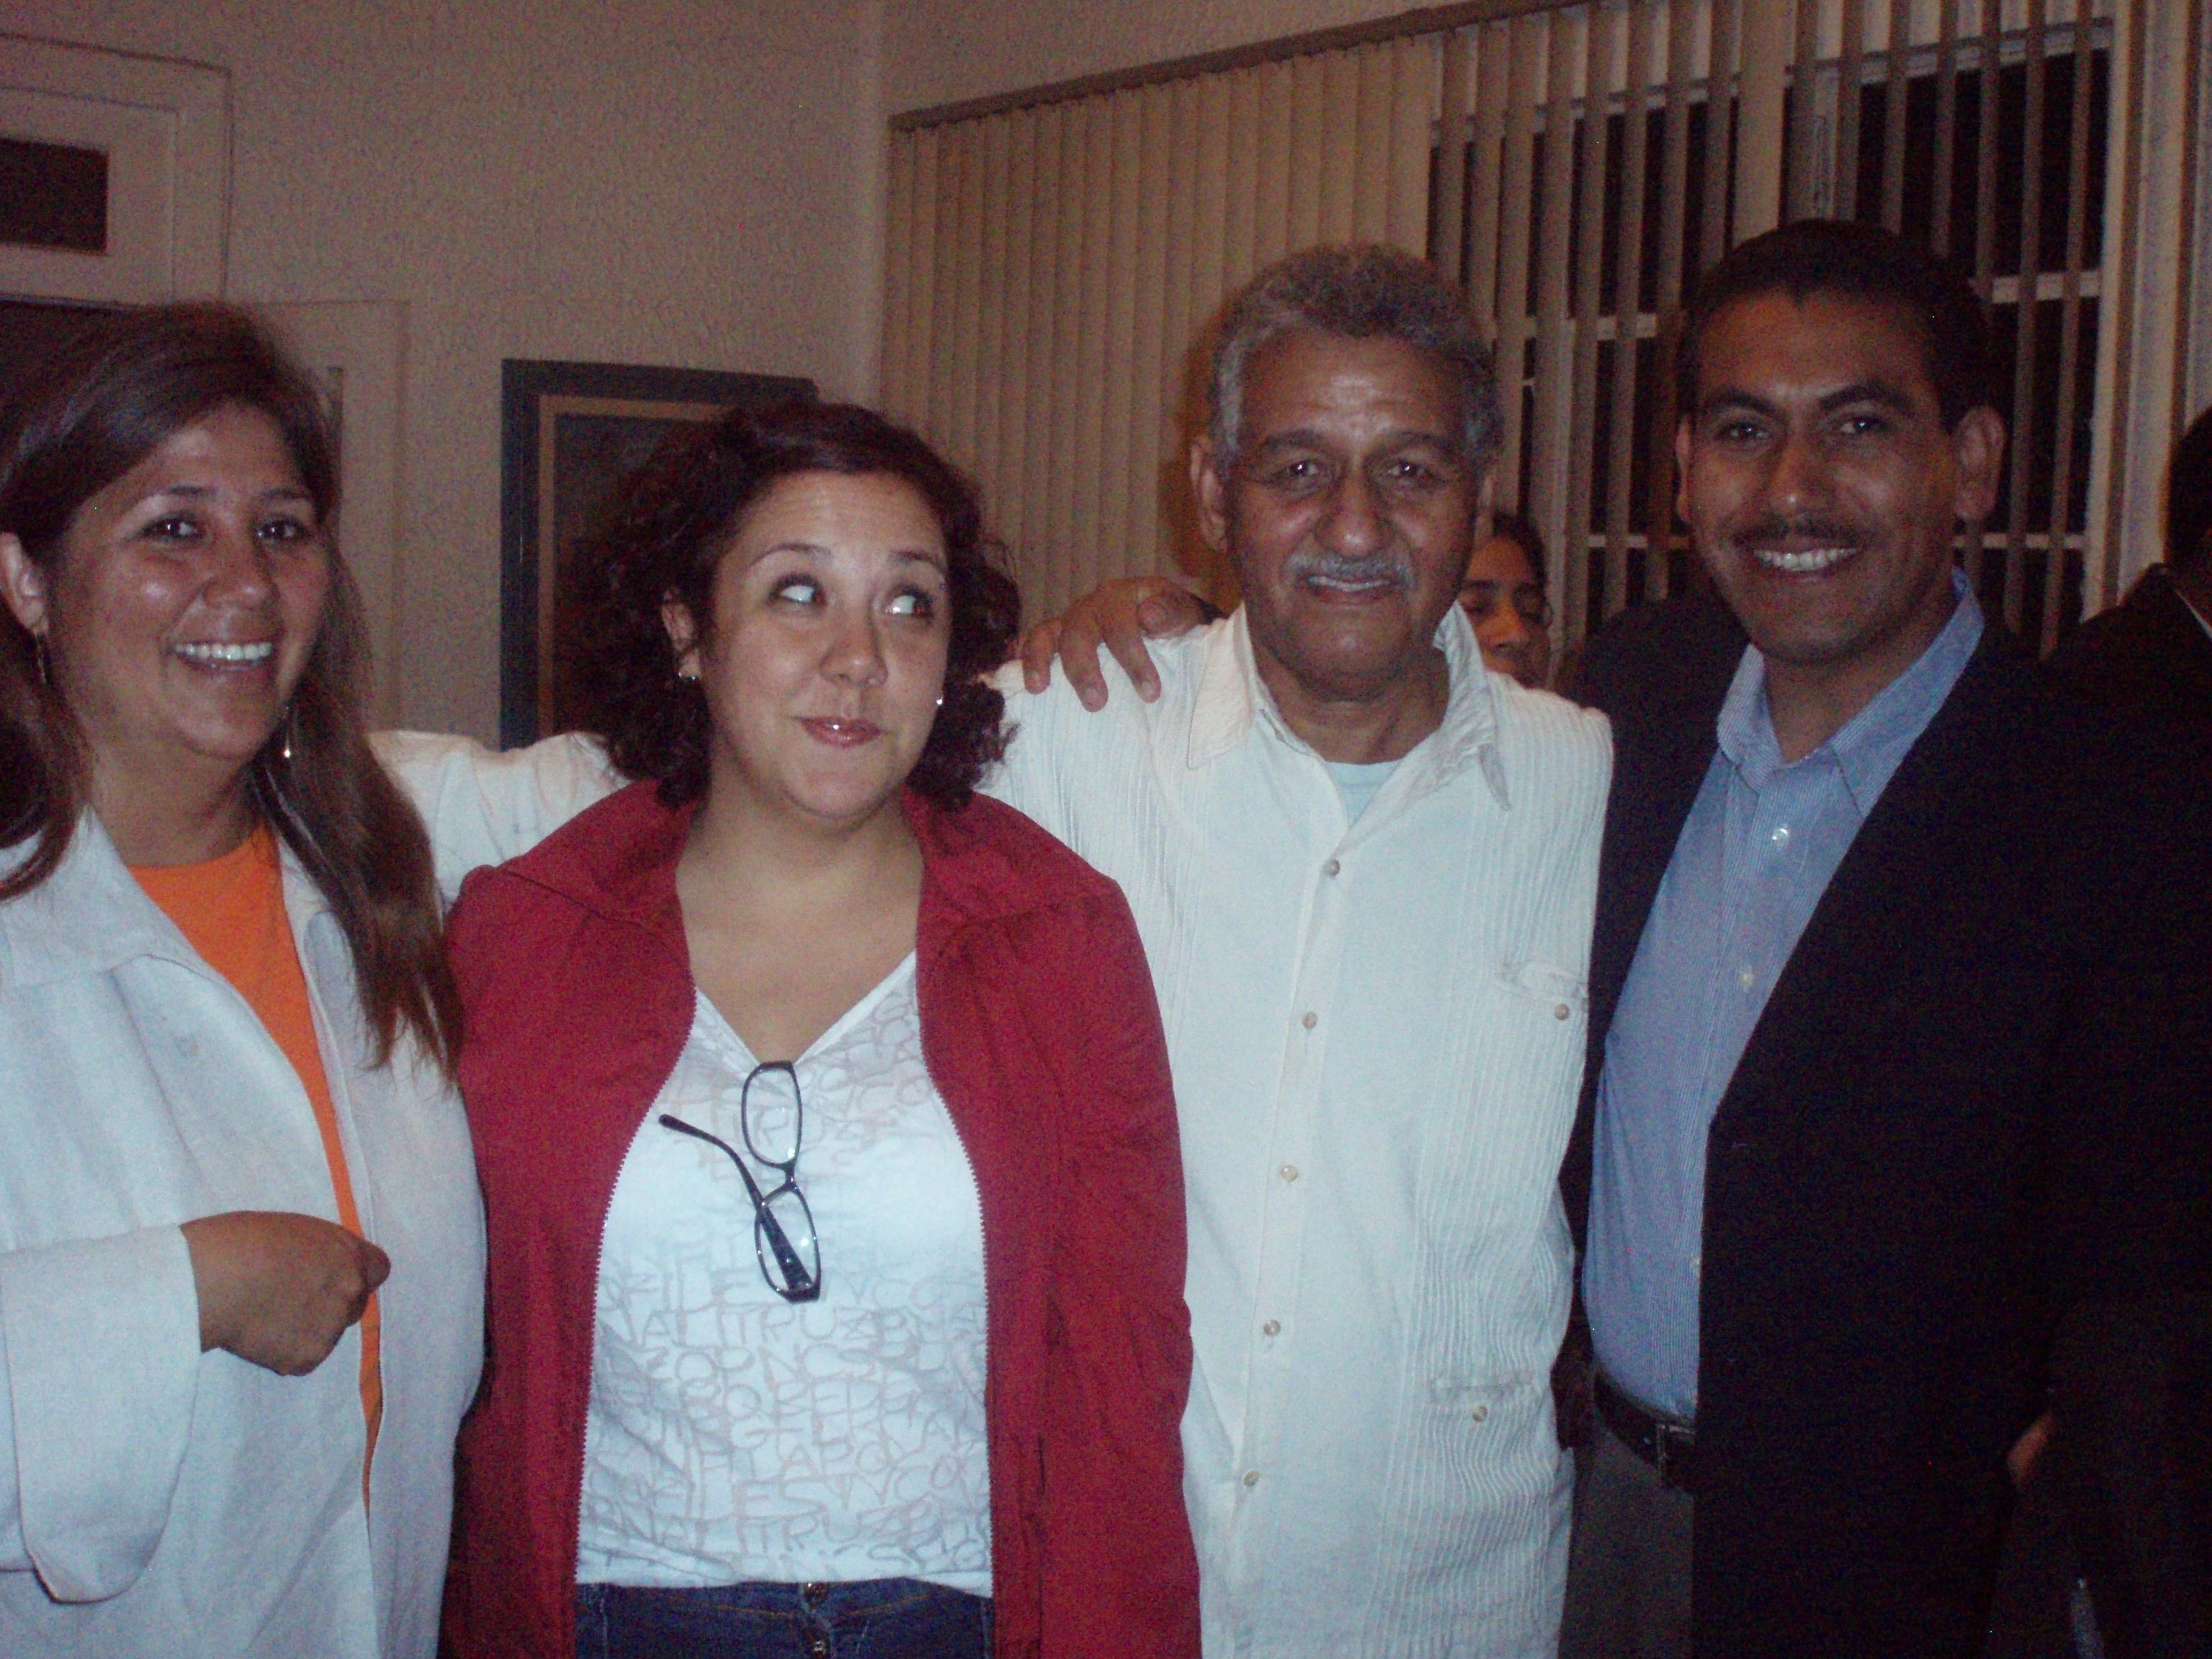 Educación_intercultural,_grupo_de_amistad_con_la_República_Árabe_Saharaui_Democrática_1